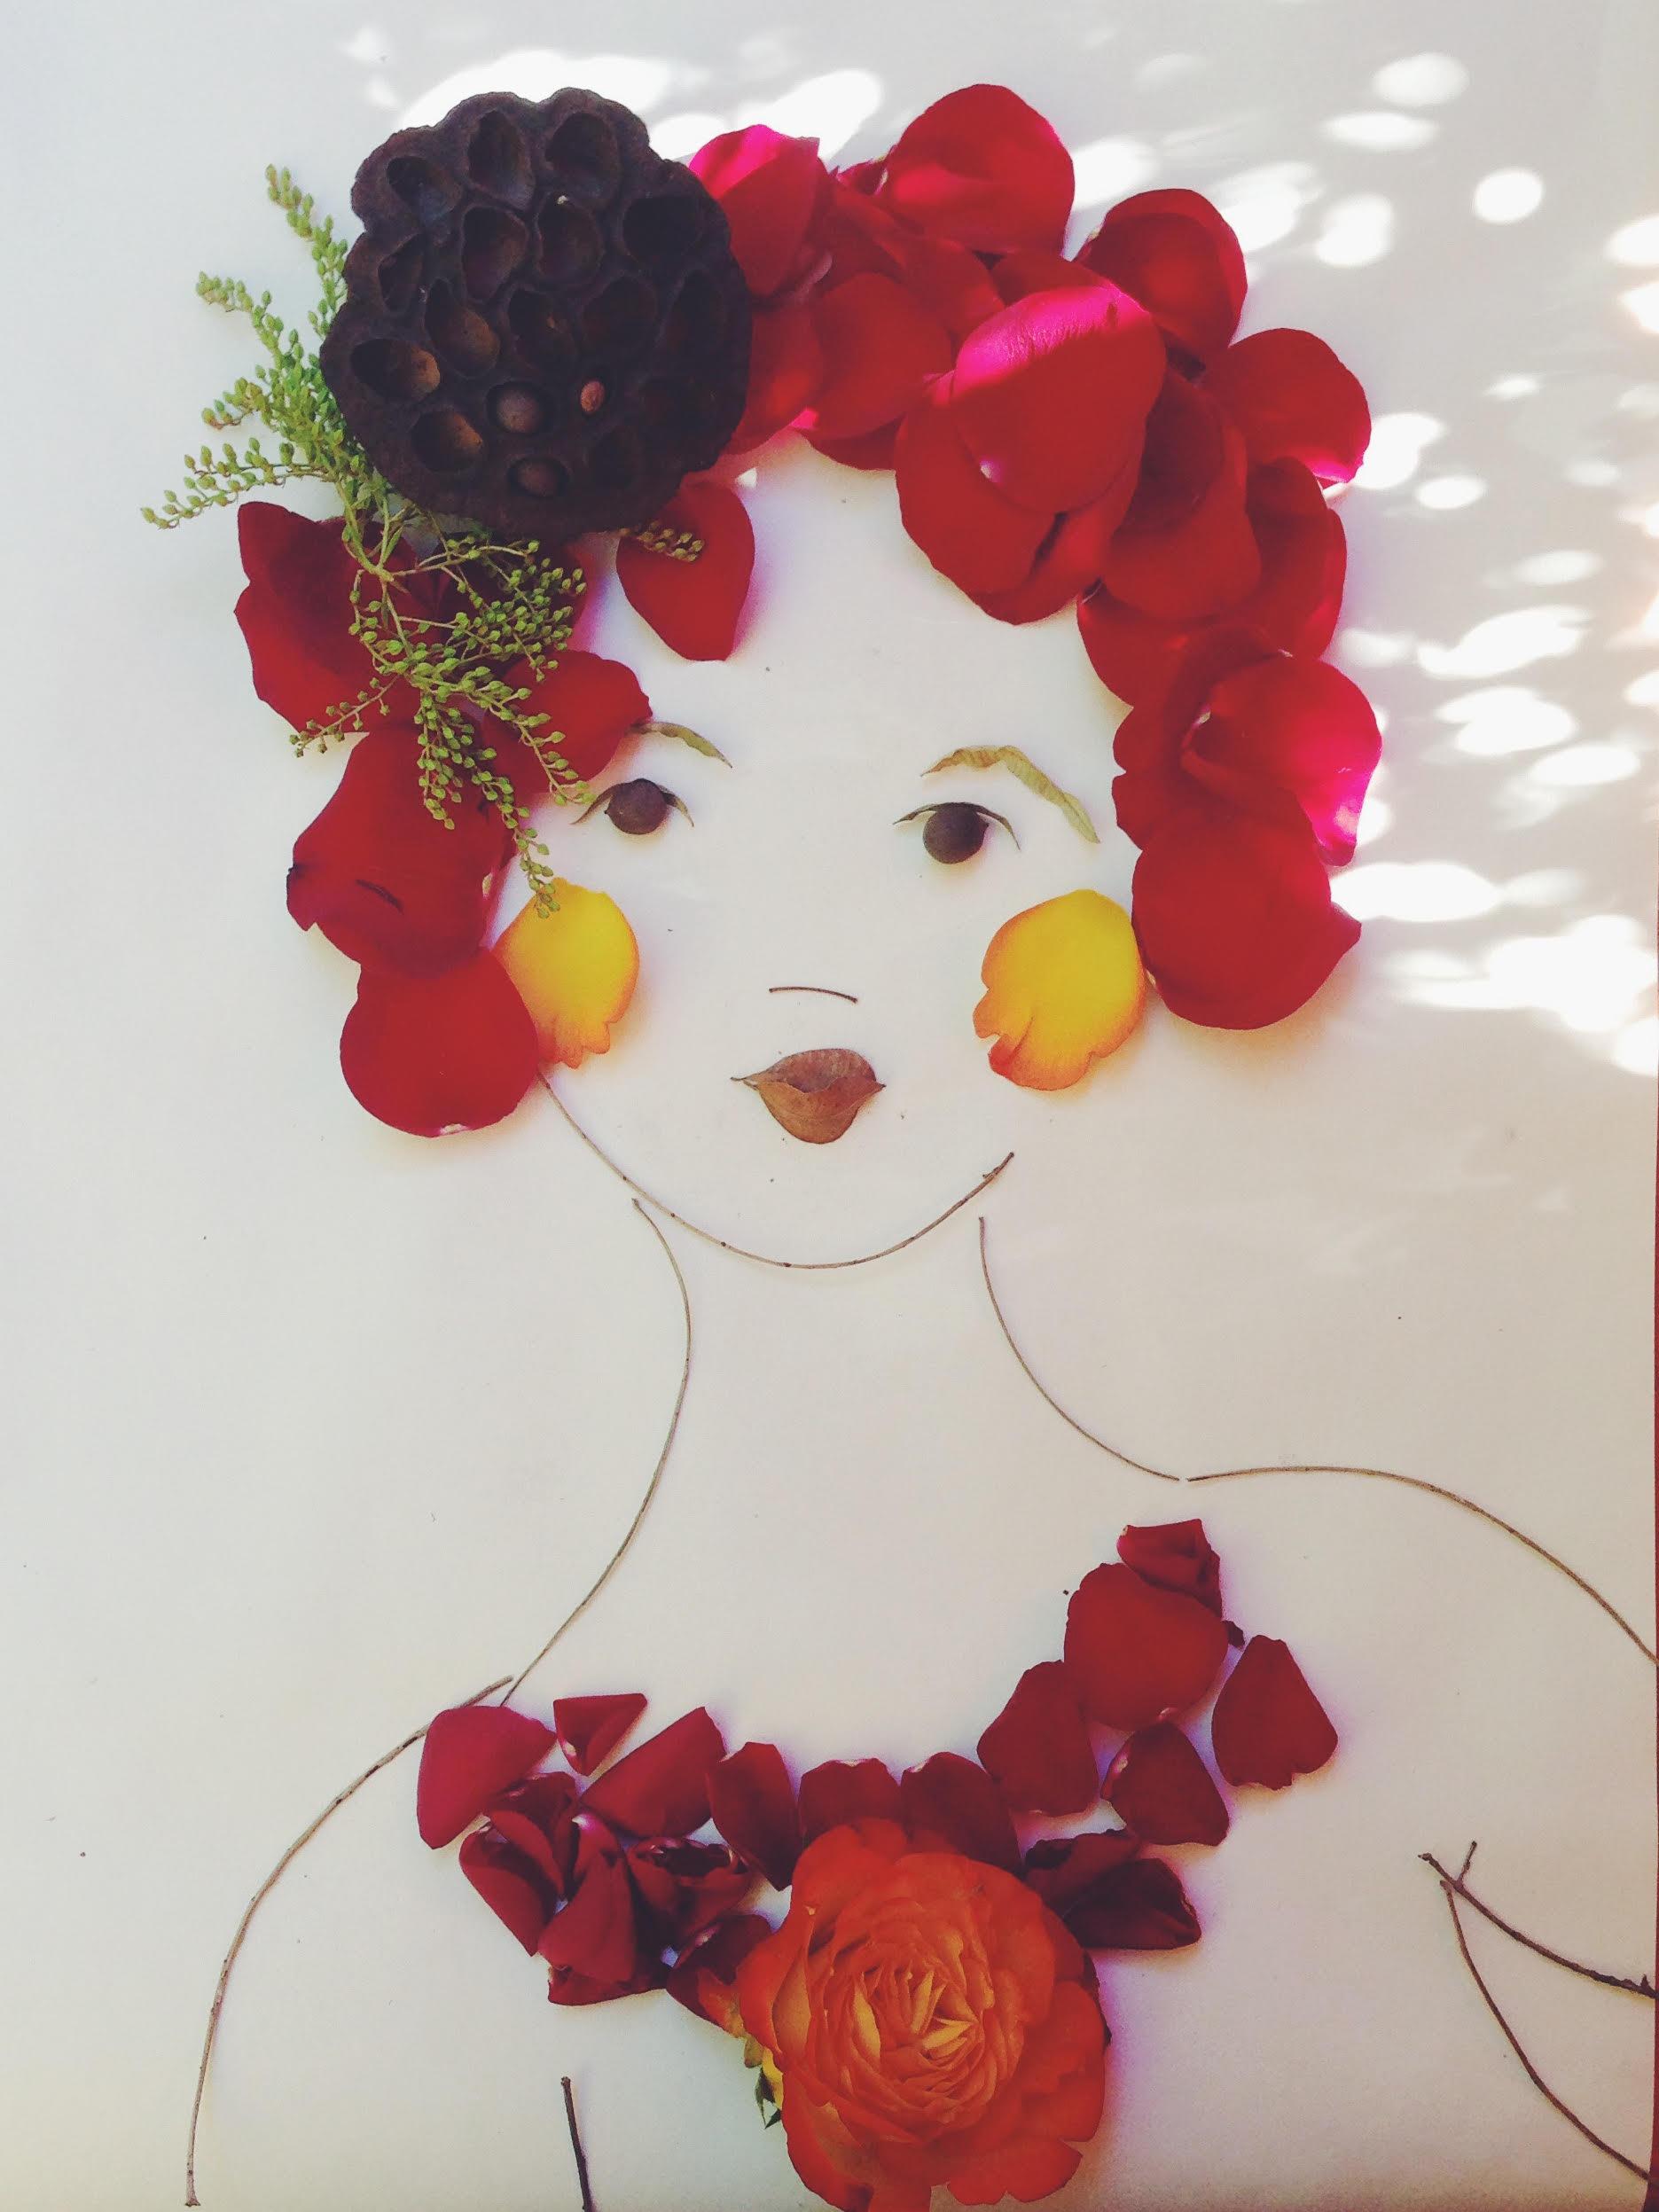 Ida by Justina Blakeney #FaceTheFoliage